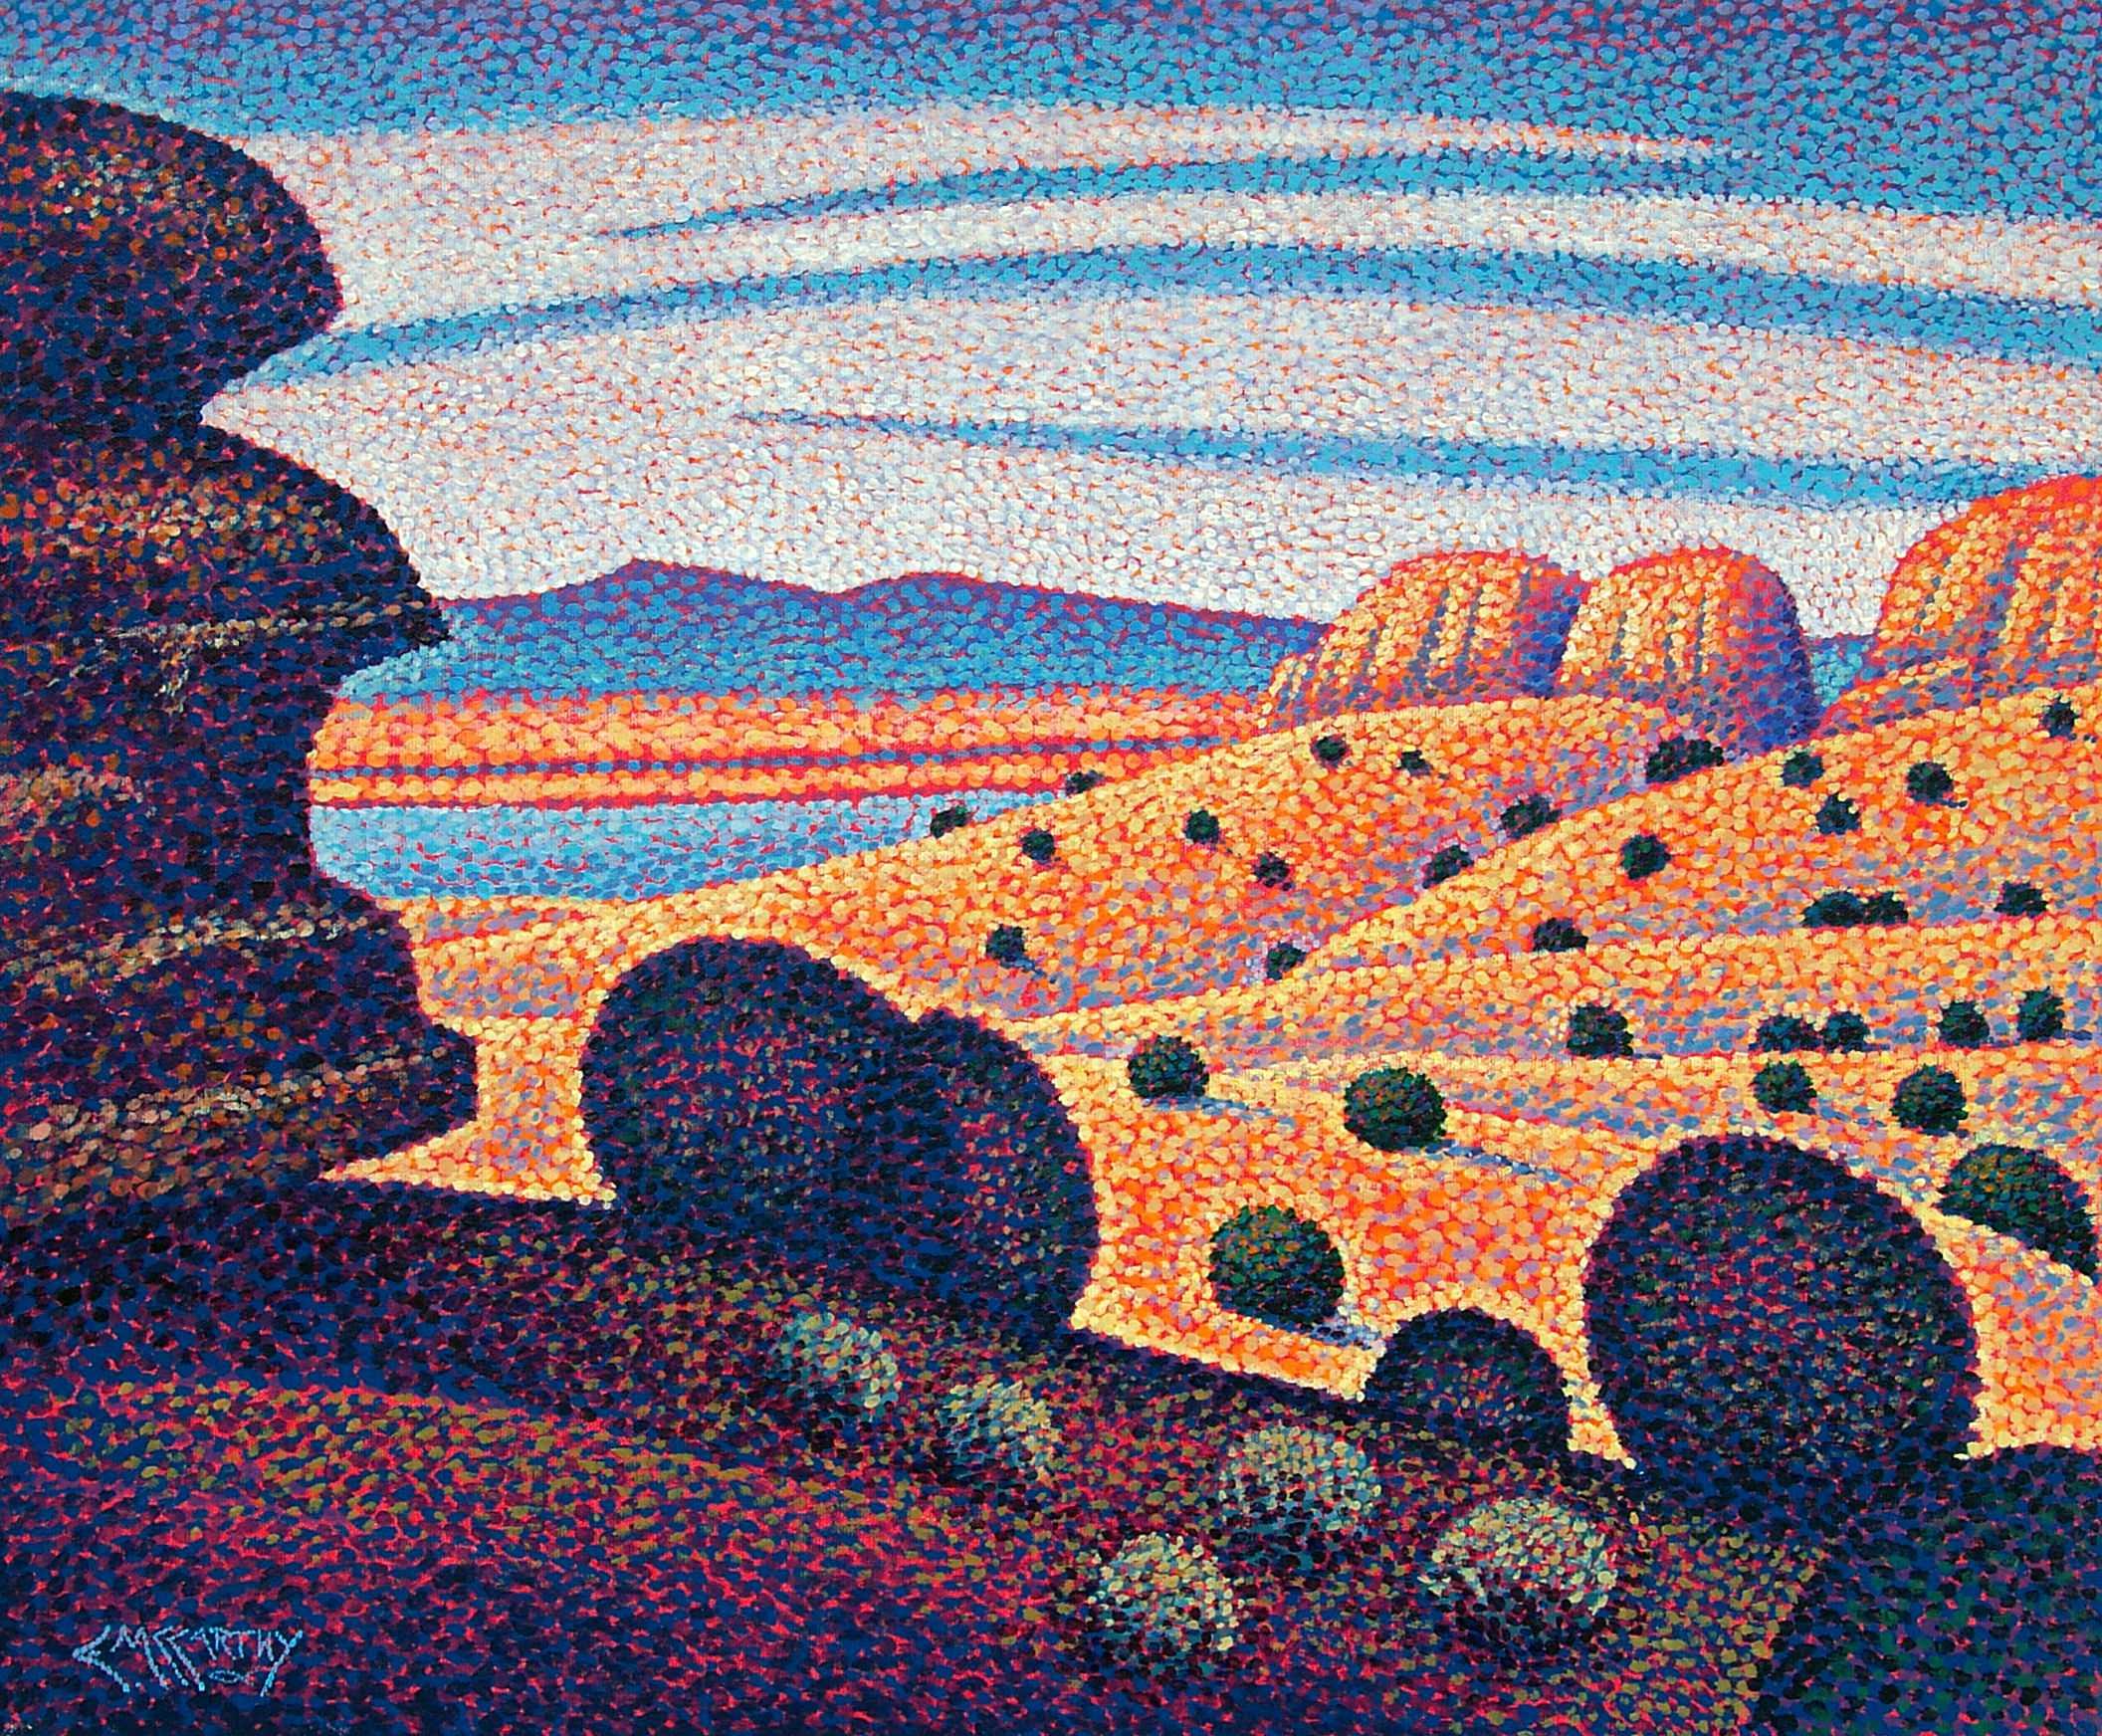 Canyon View, Lake Pueblo